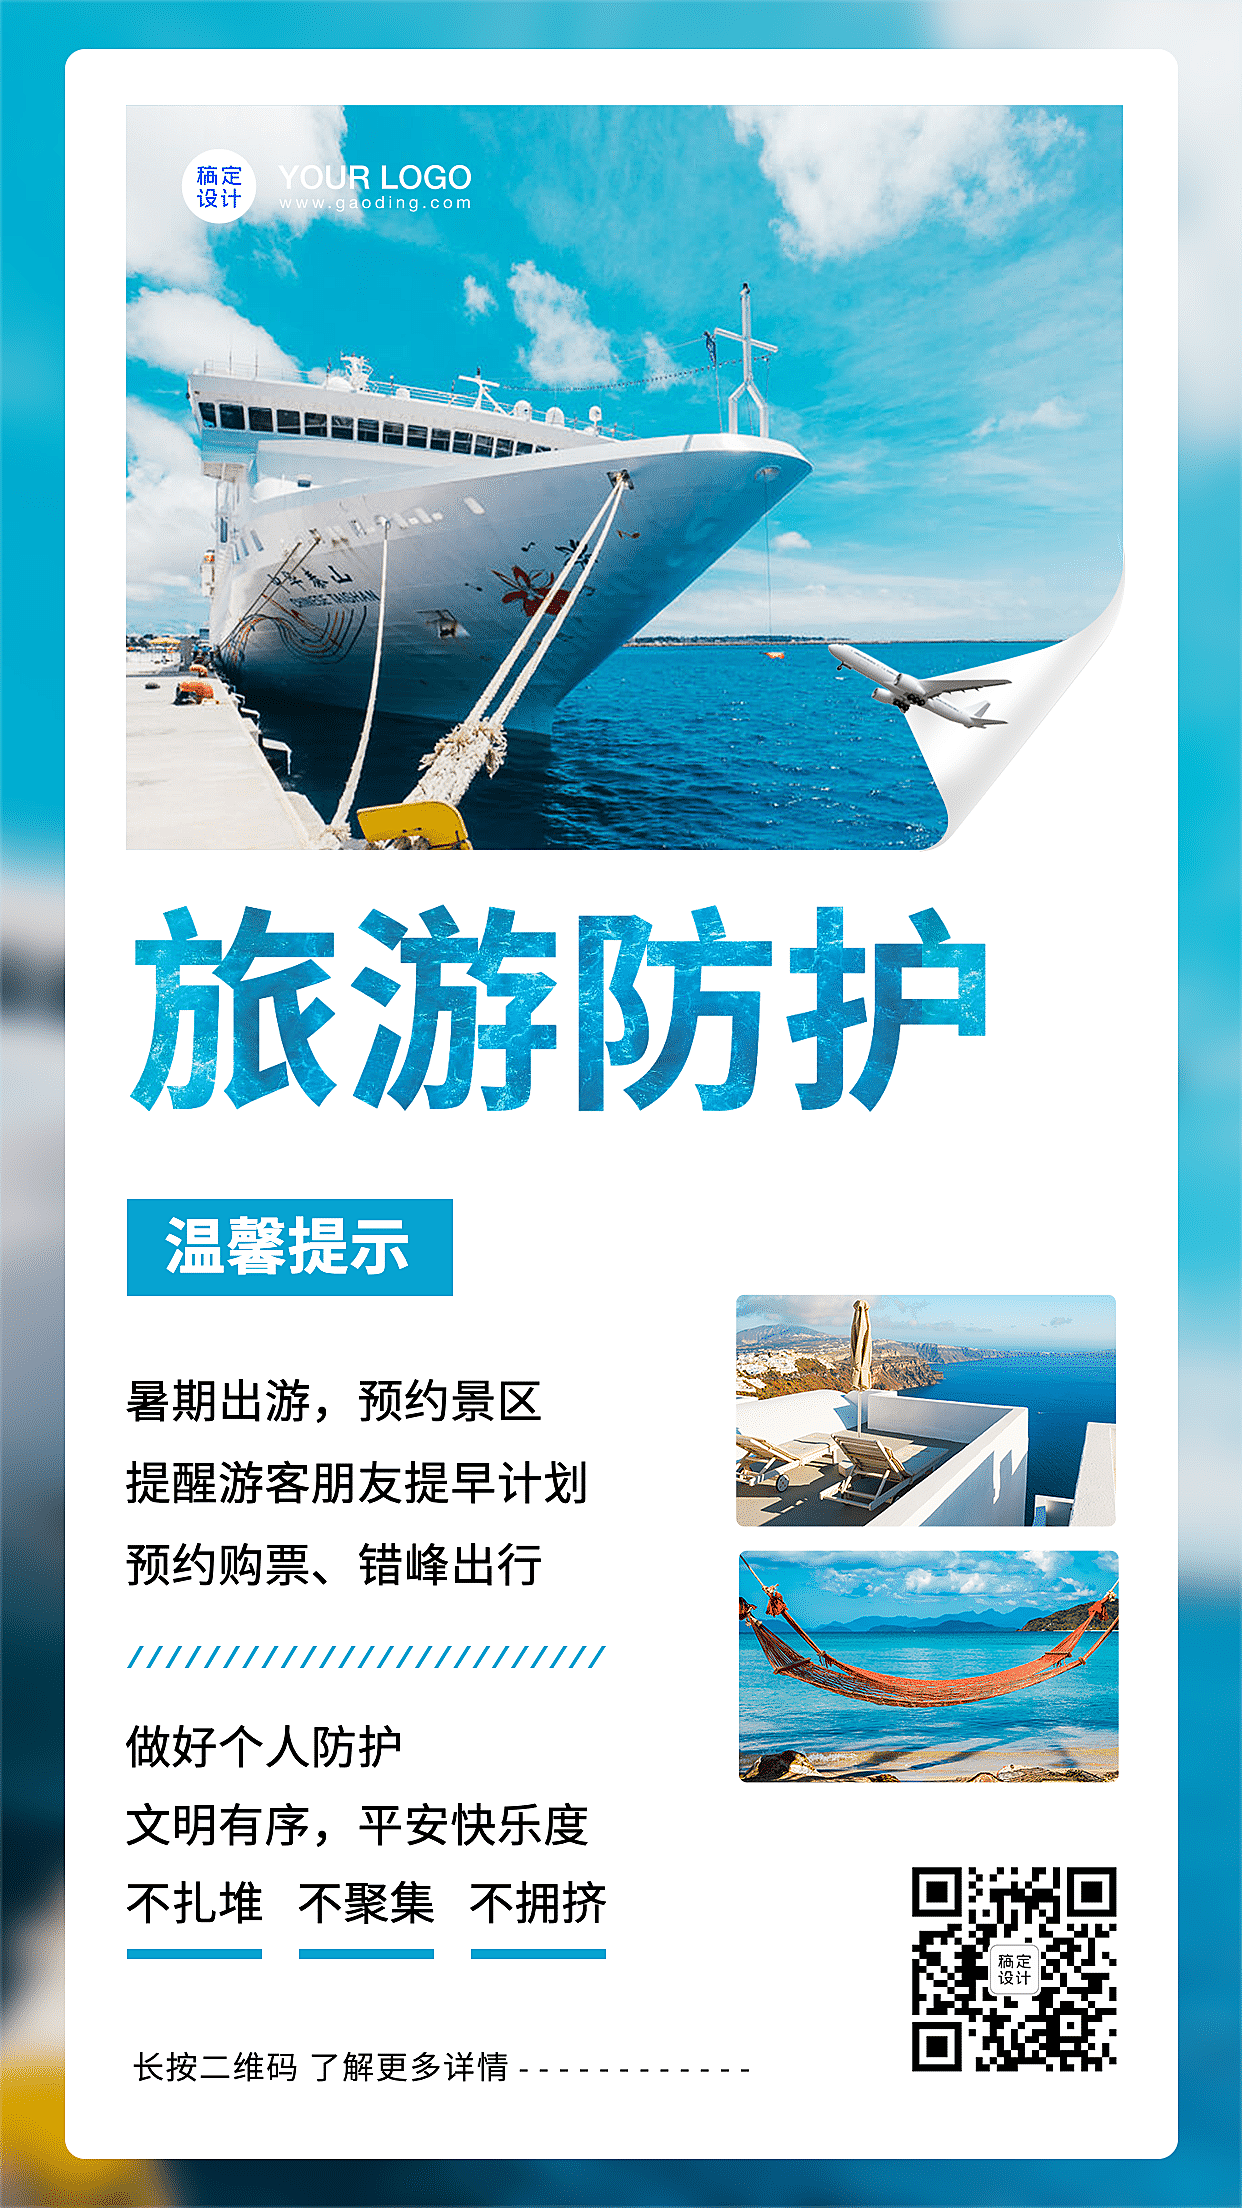 旅行旅游出行防护提示手机海报